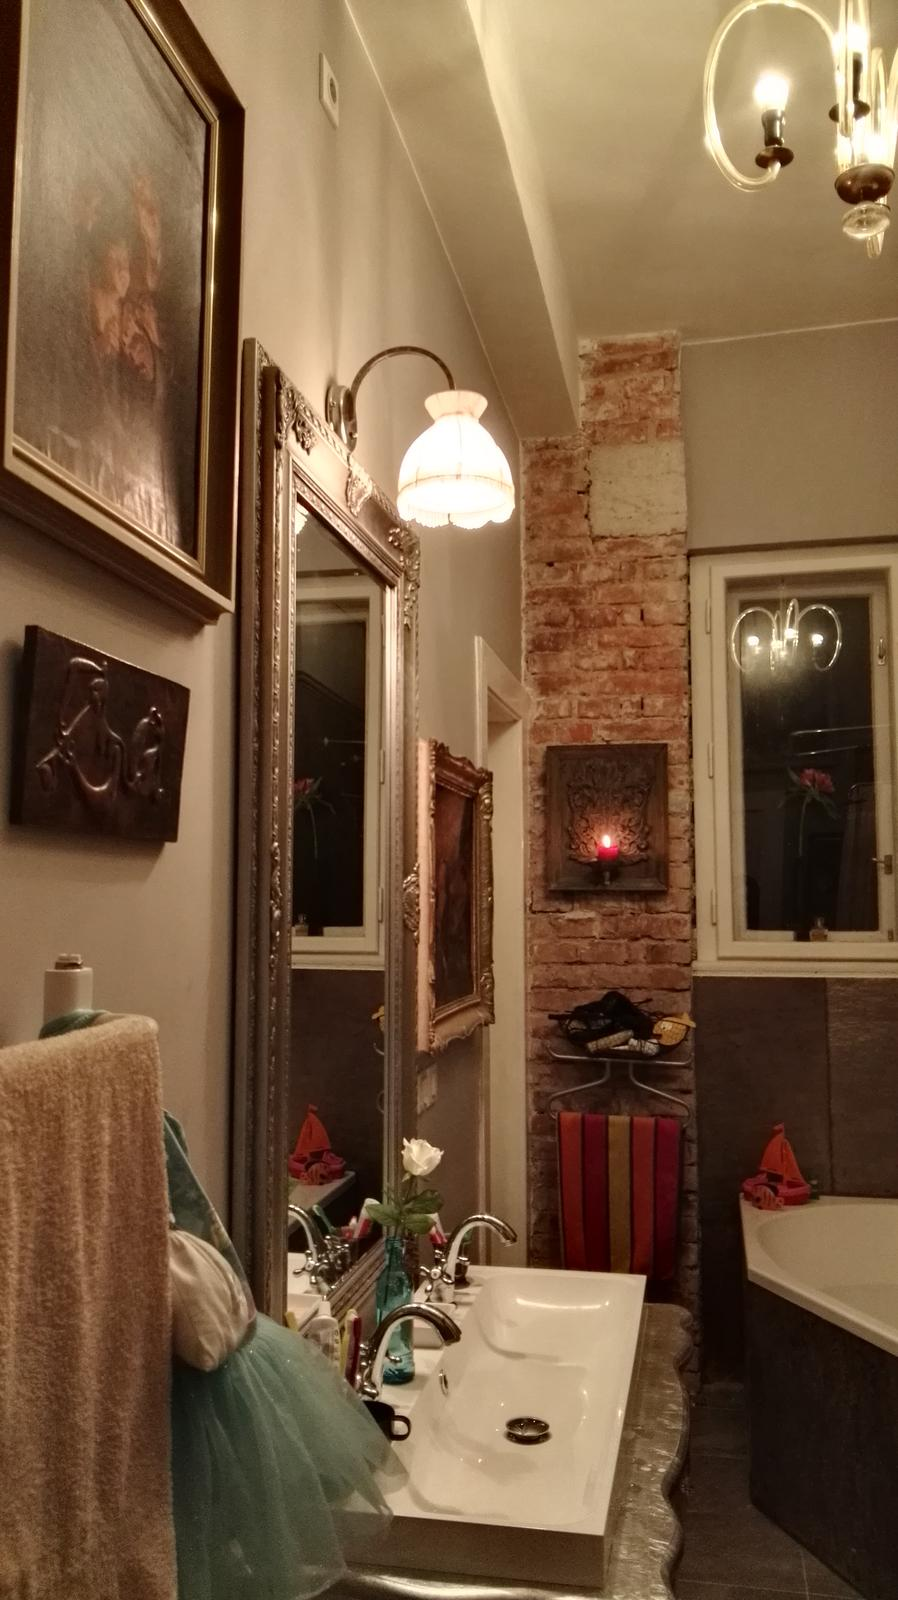 Rekonštrukcia bytu v národnej kultúrnej pamiatke - Uz sa mi to zaplna podla mojho gusta...:)